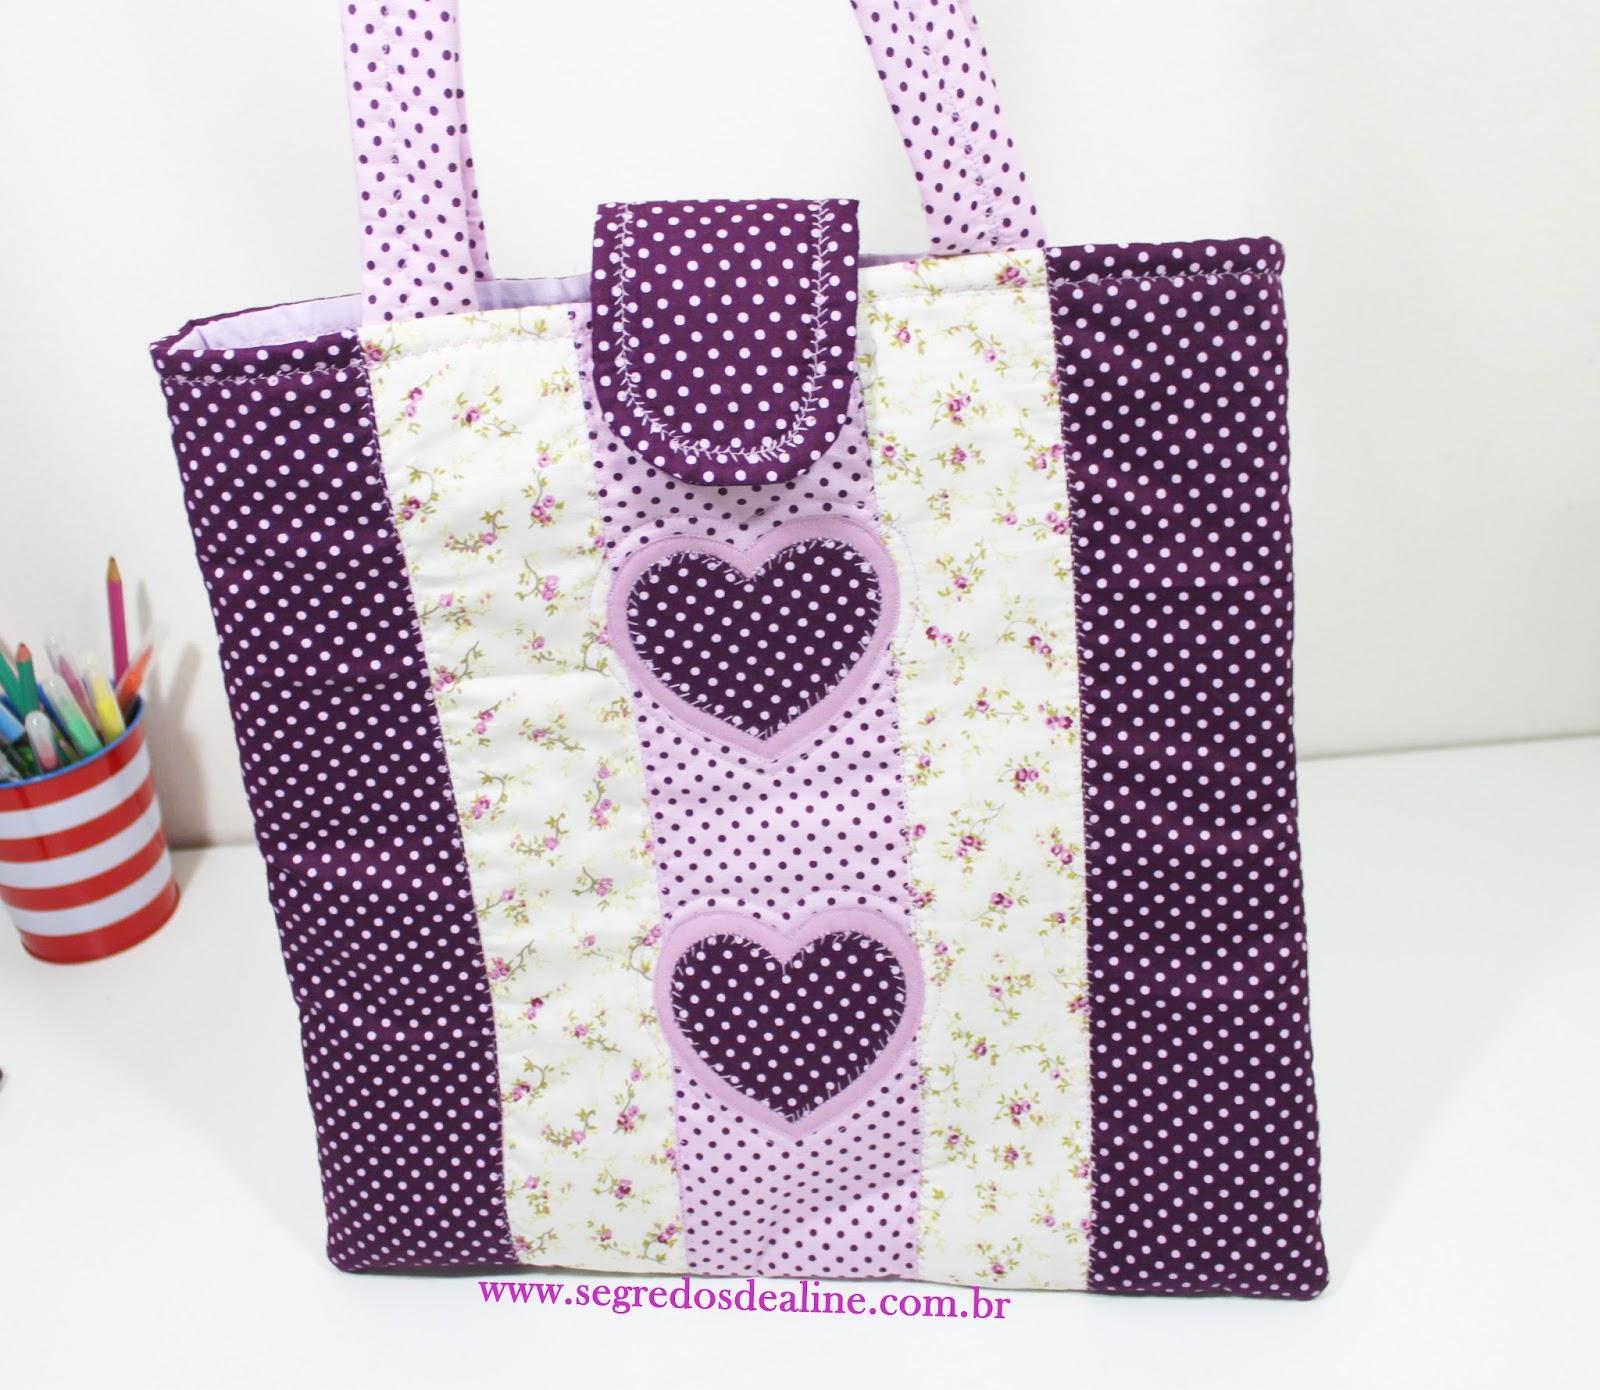 Bolsa De Tecido Passo A Passo Como Fazer : Segredos de aline bolsa tecido b?sica patchwork